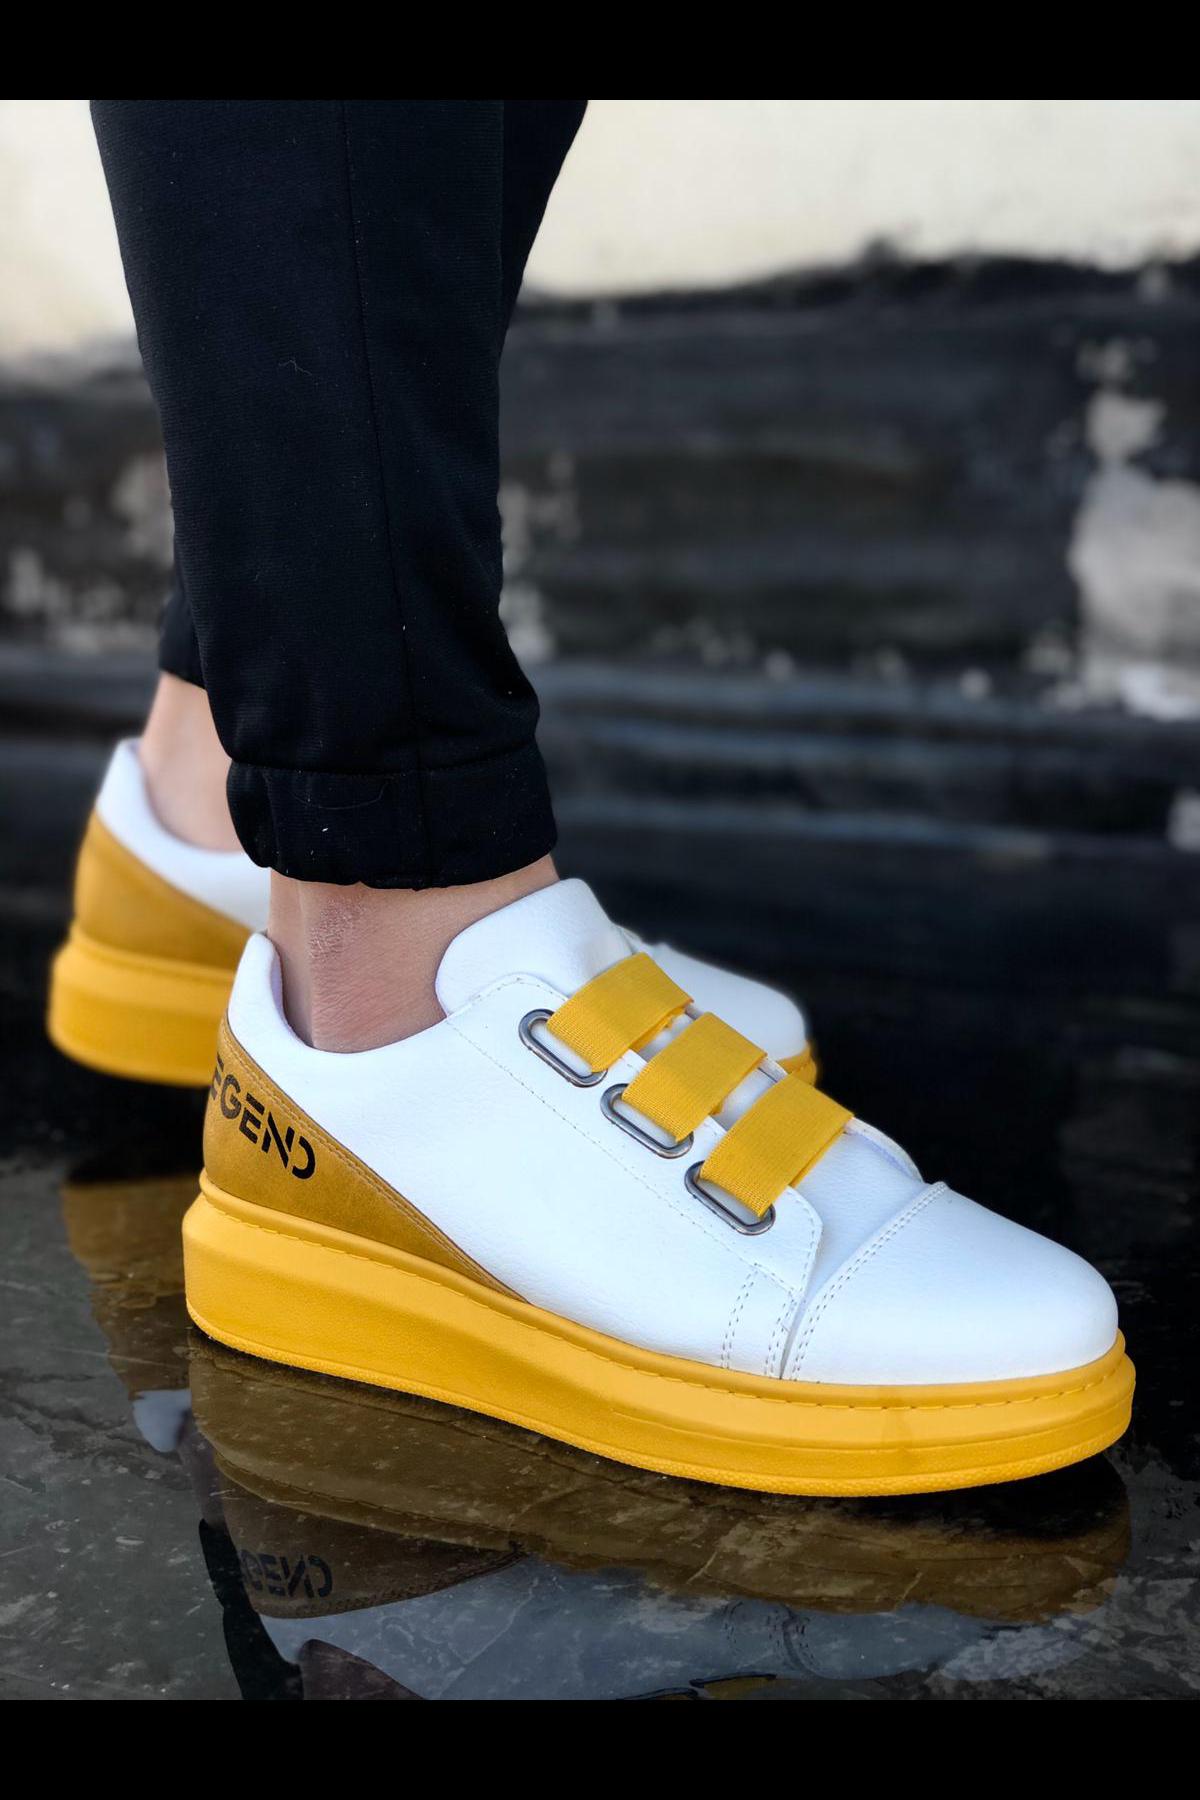 Wagoon WG029 3 Bant Legend Beyaz Sarı Kalın Taban Casual Erkek Ayakkabı